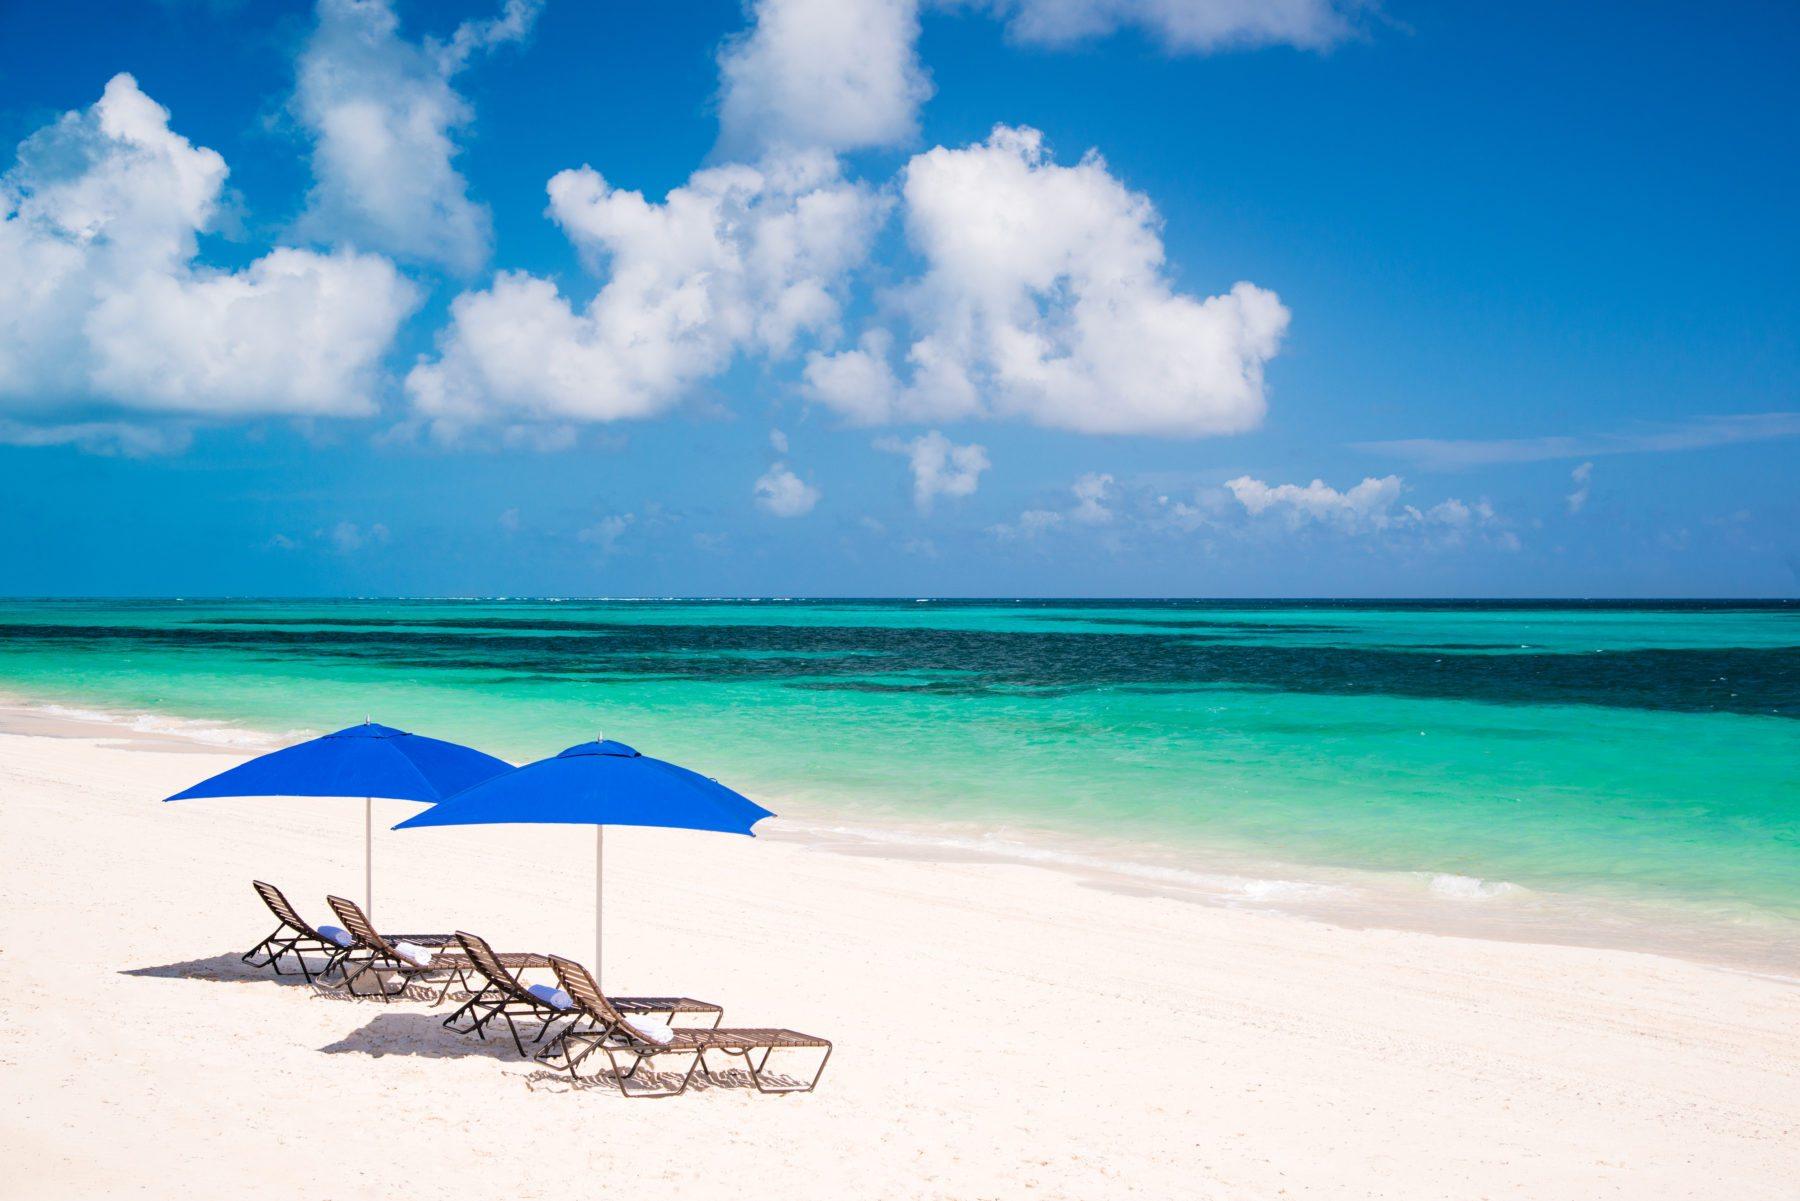 Sailrock Resort South caicos beach